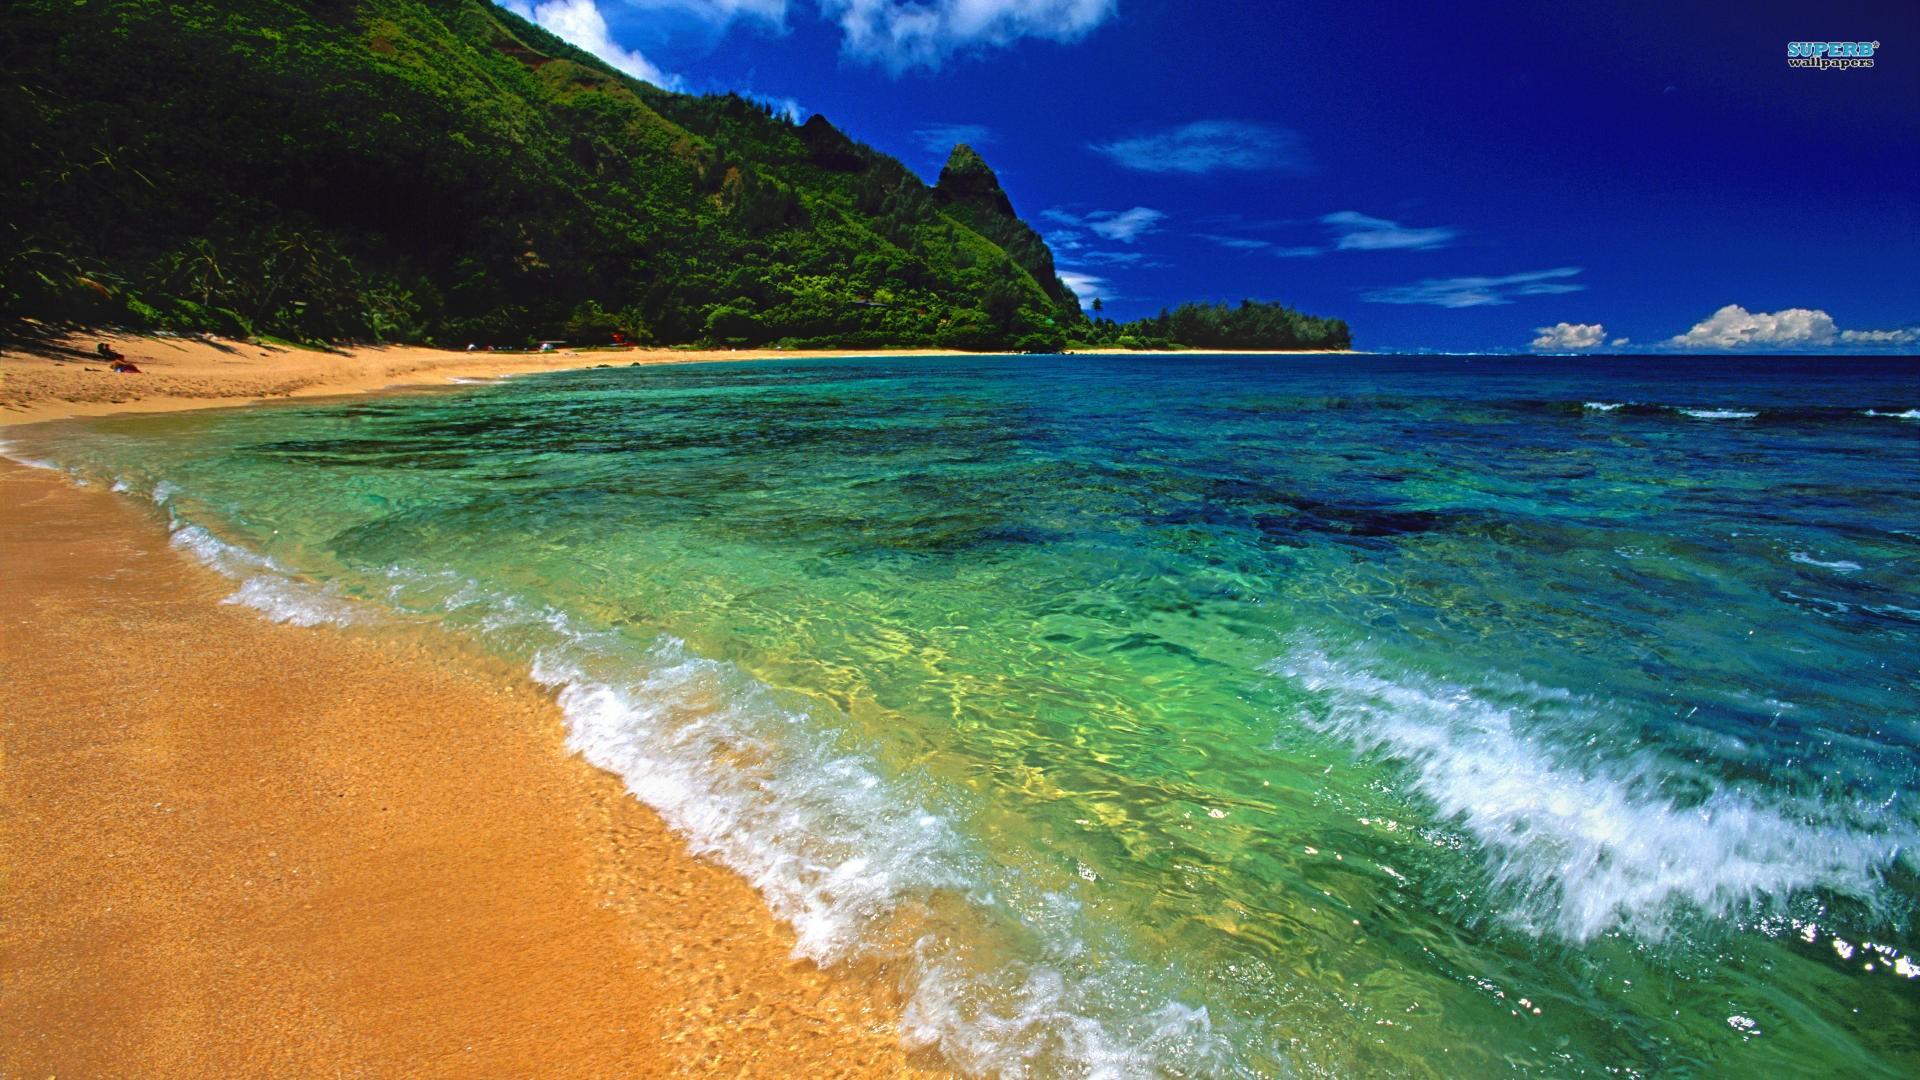 Download Beach Summer Wallpapers ImageBankbiz 1920x1080